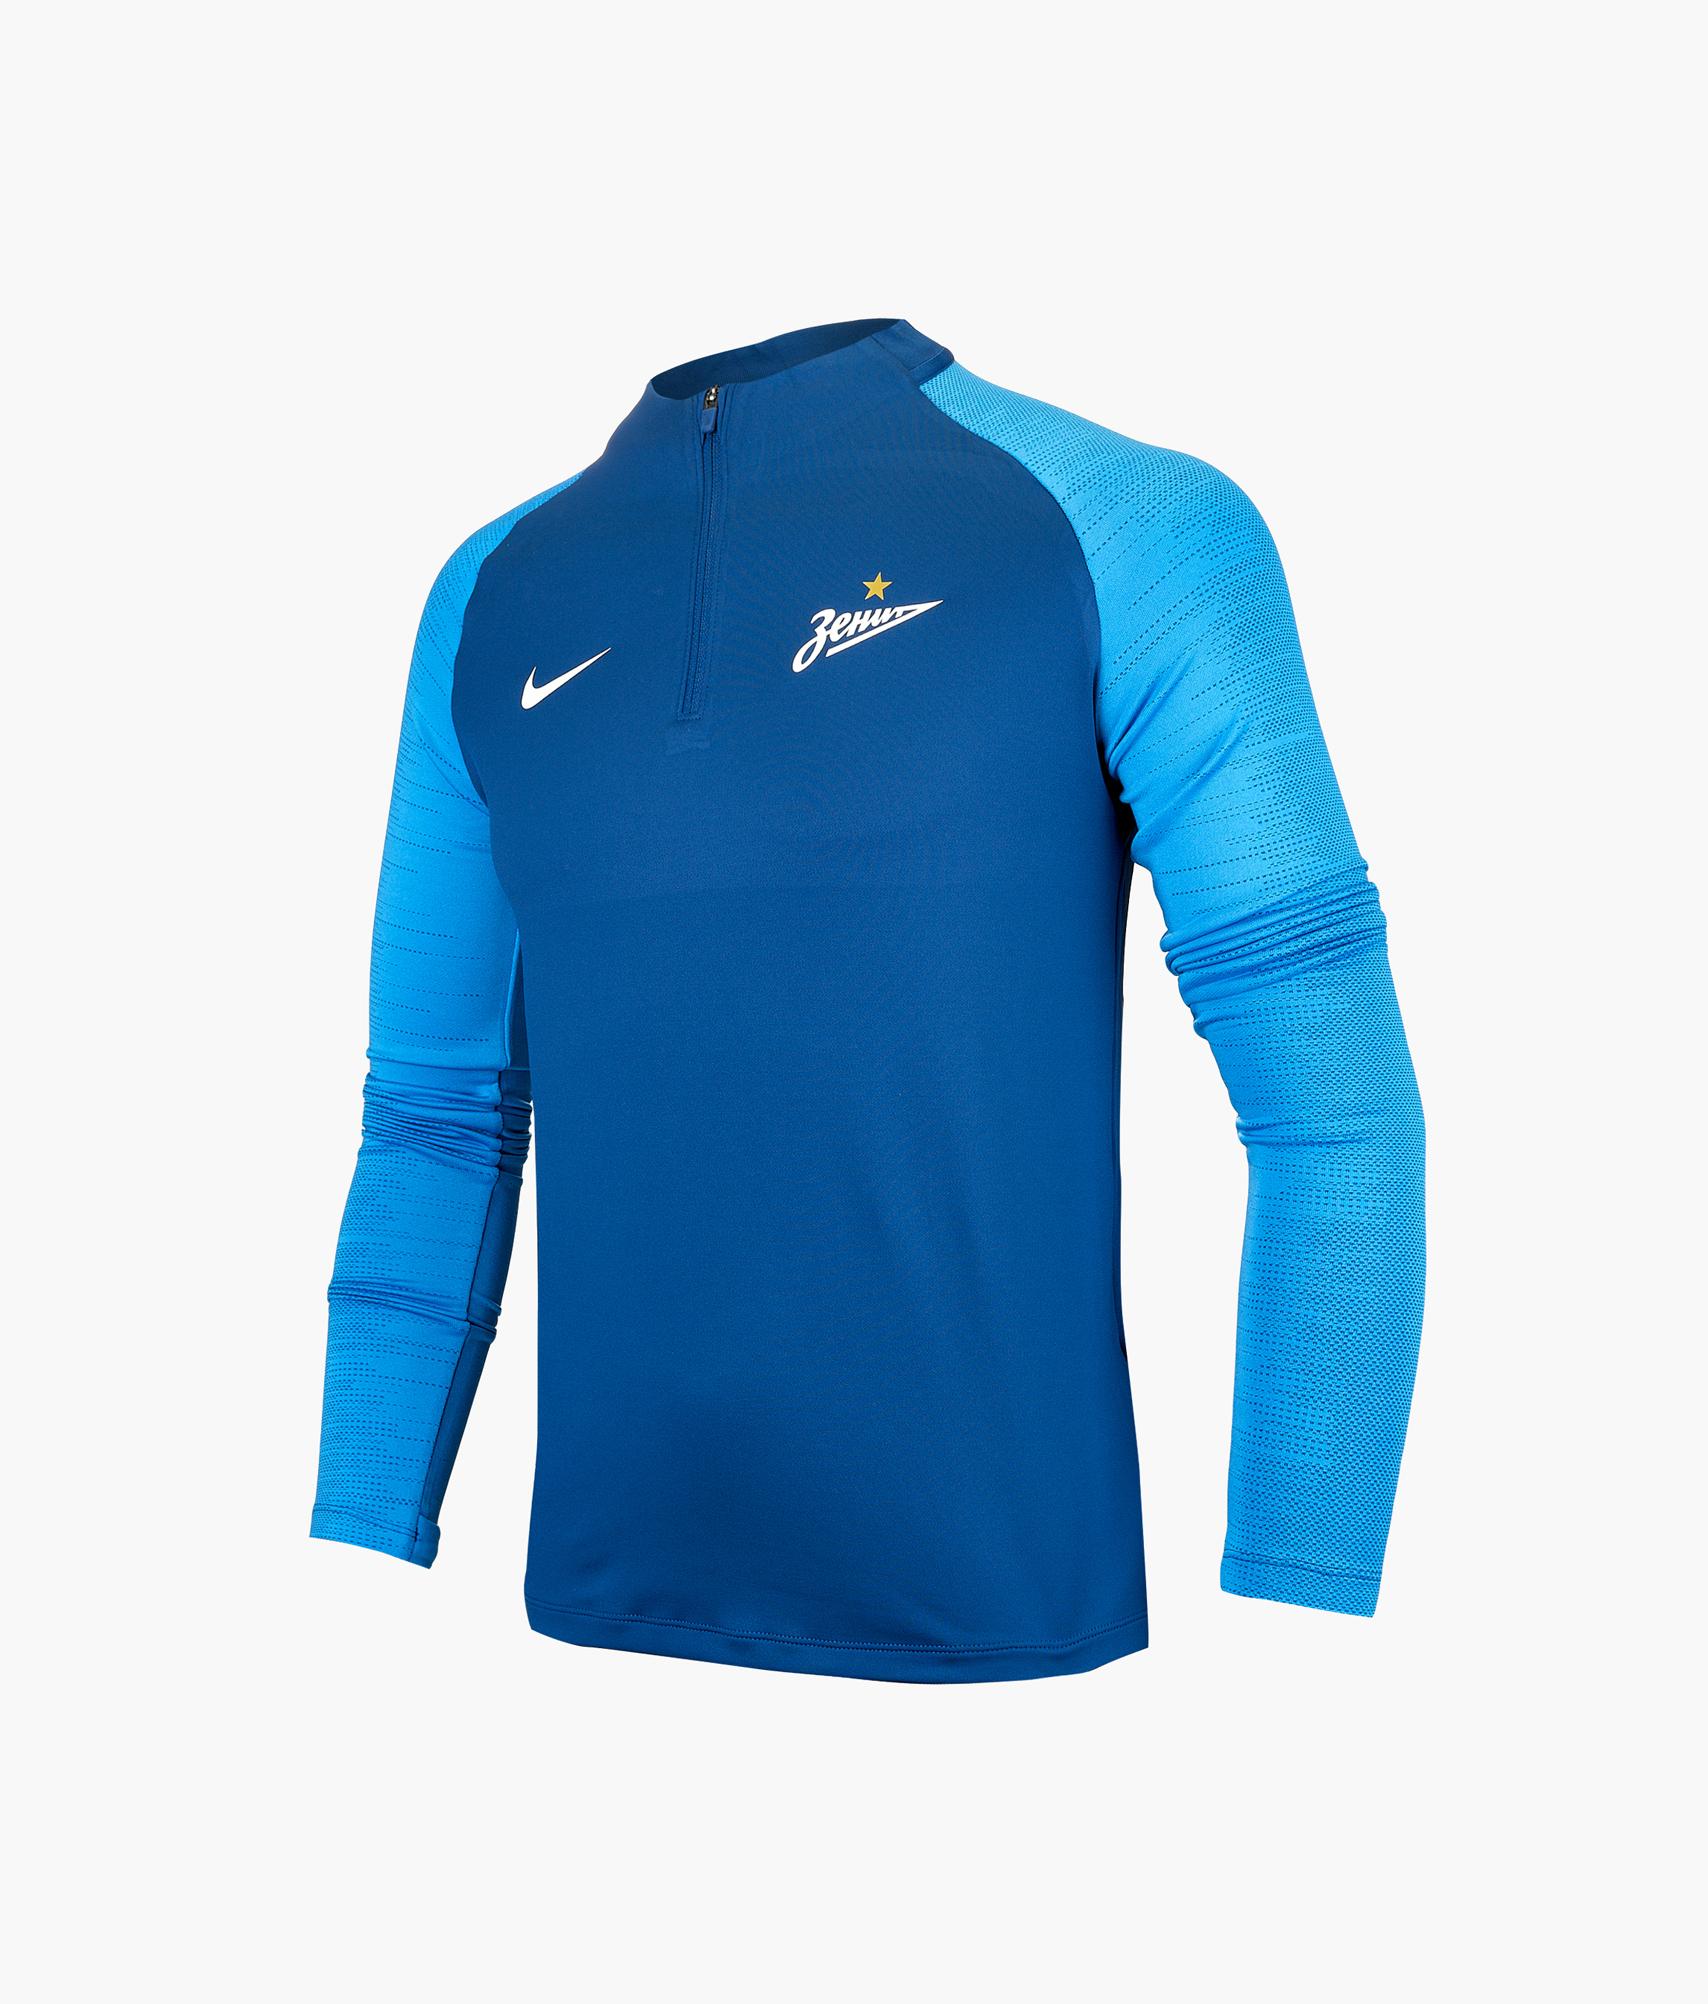 Свитер тренировочный подростковый Nike Nike Цвет-Синий